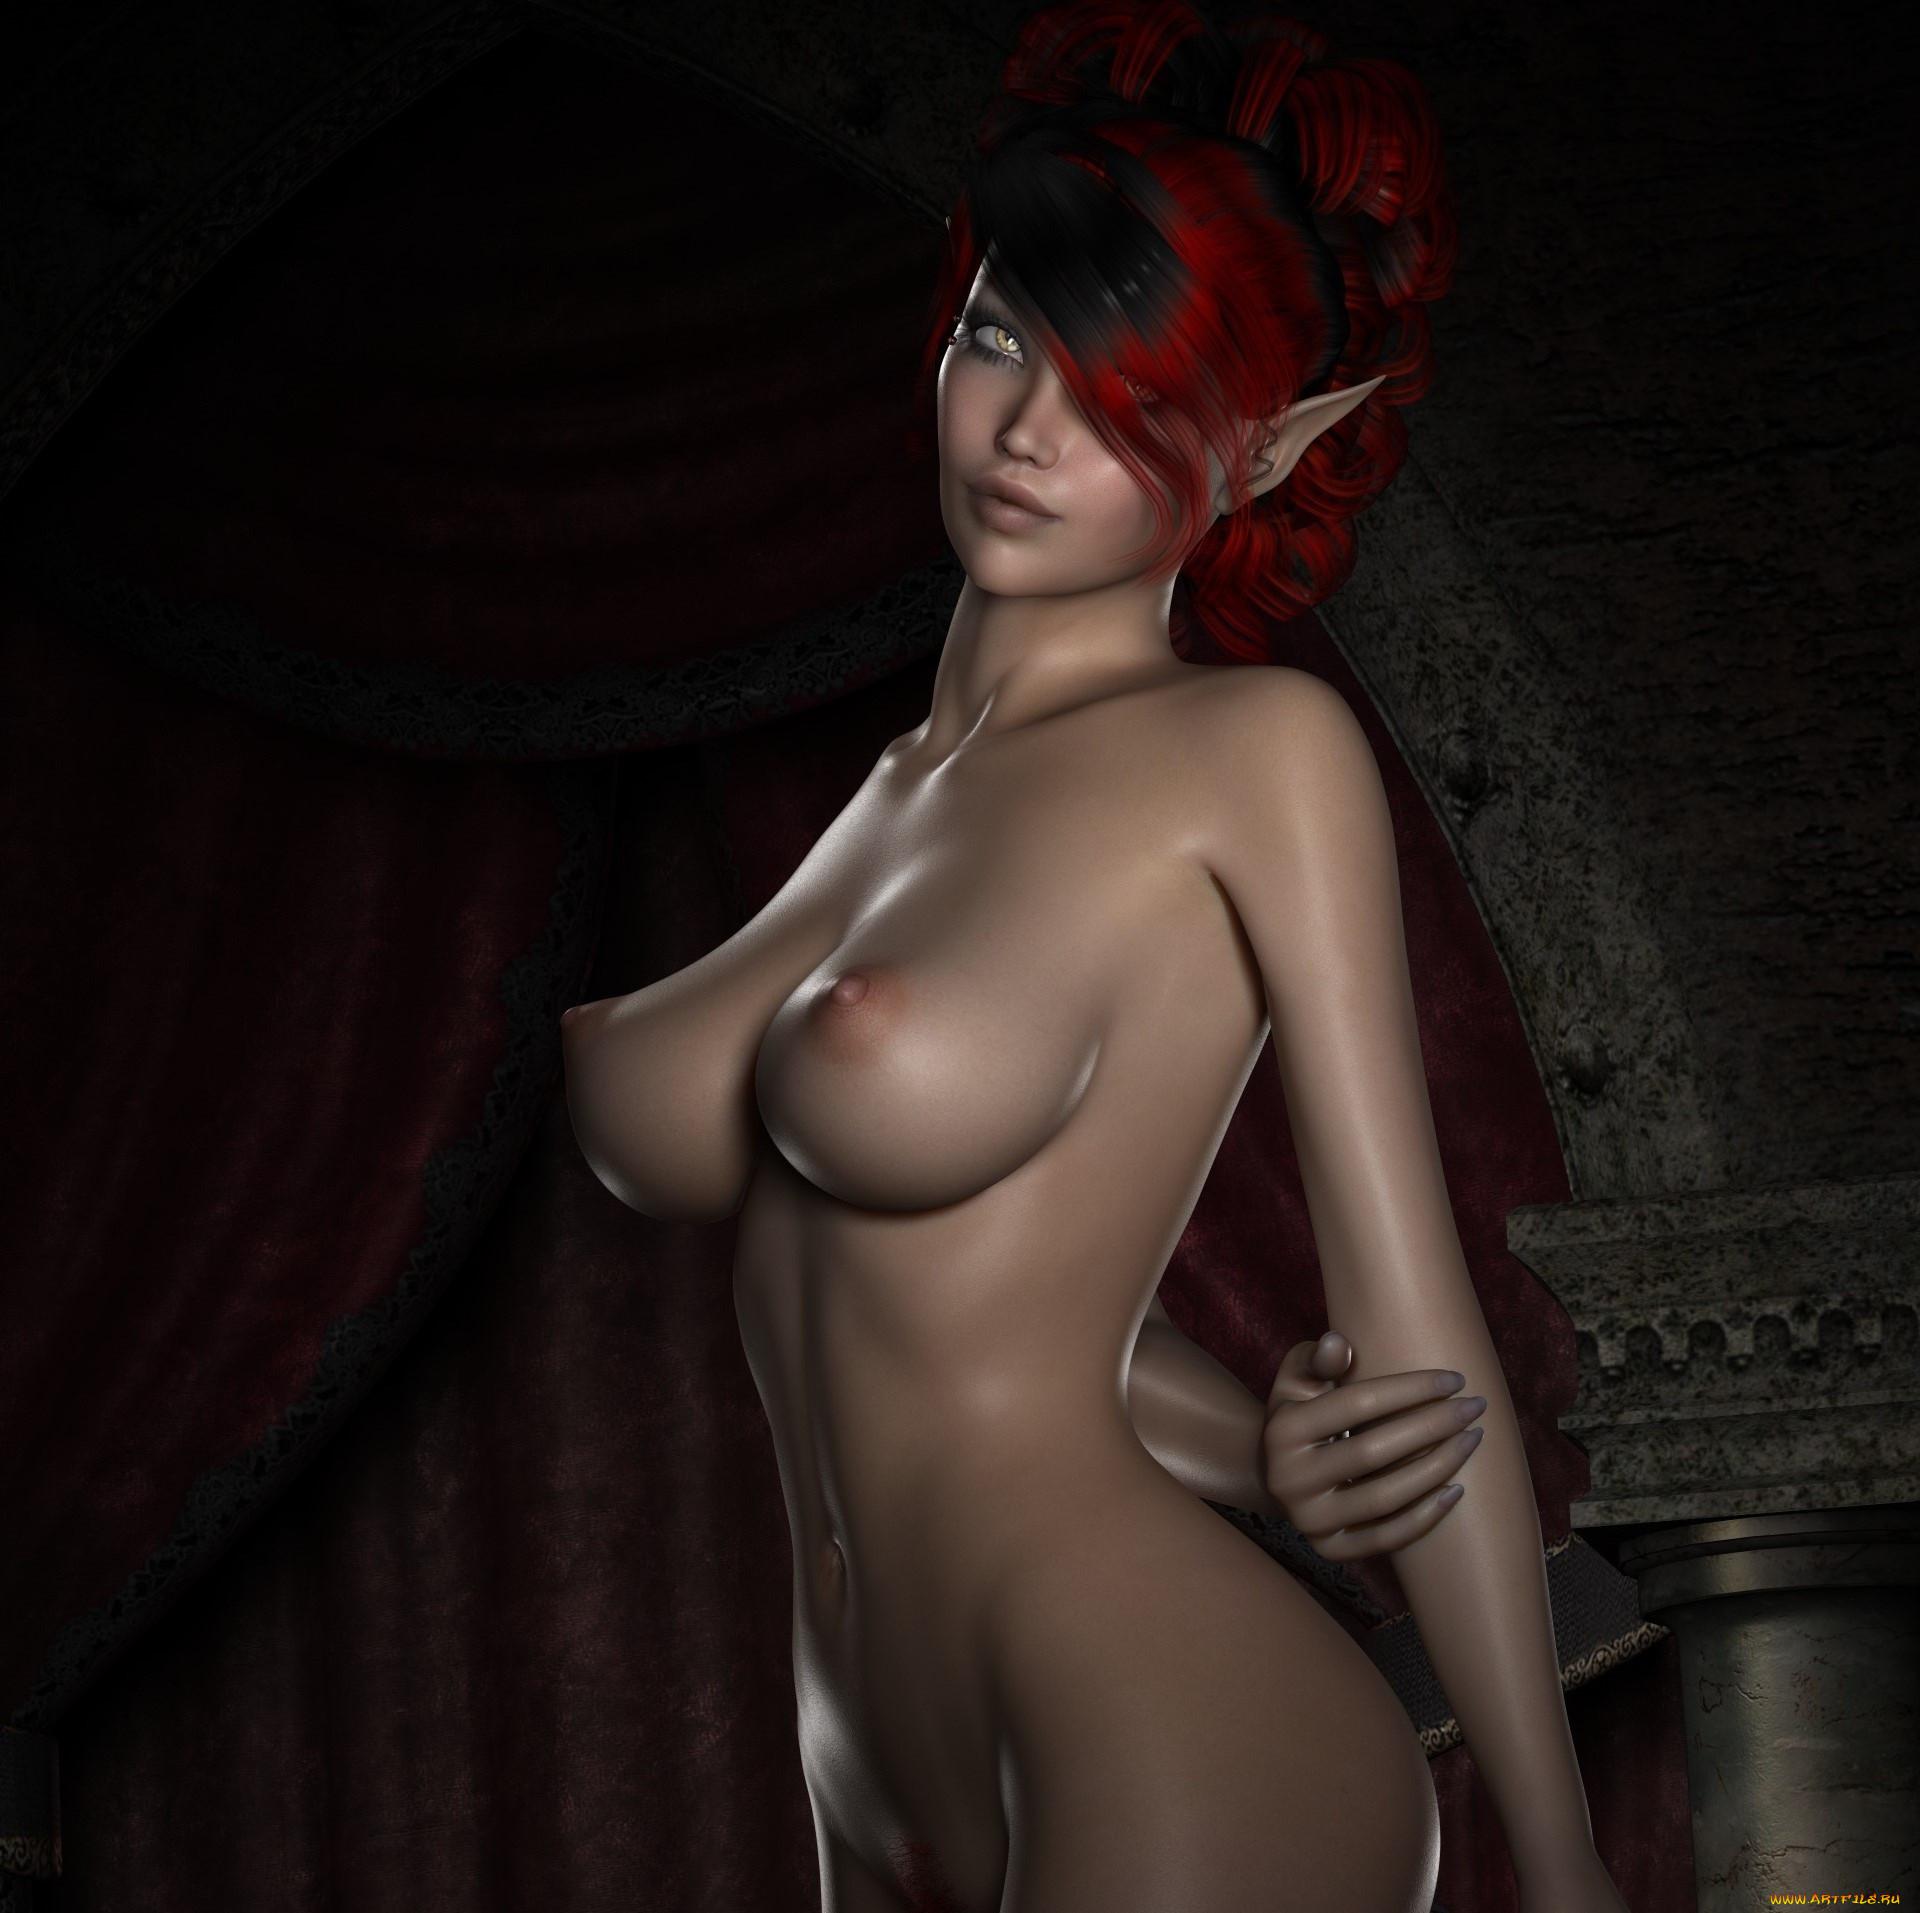 Elfen girls nude, girl fuck girl strapon